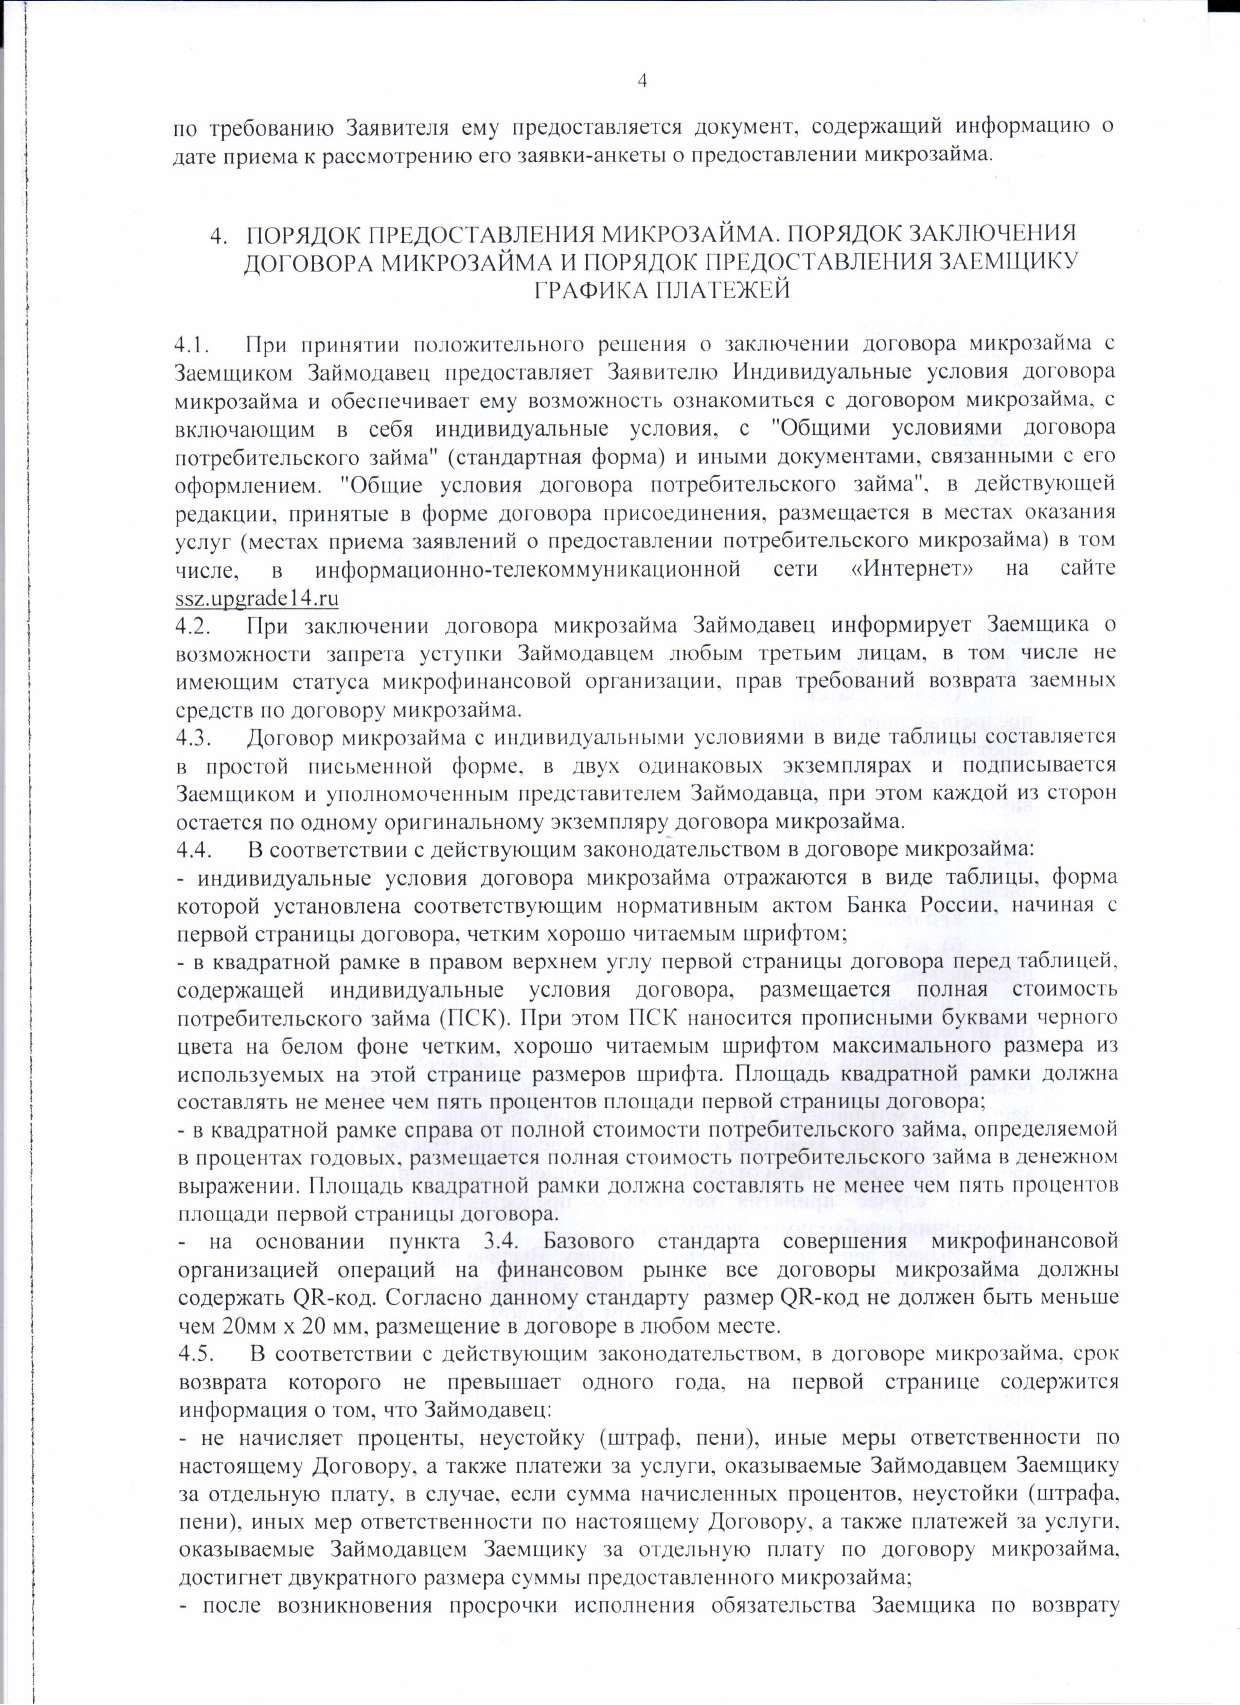 Правила предоставления микрозаймов стр4